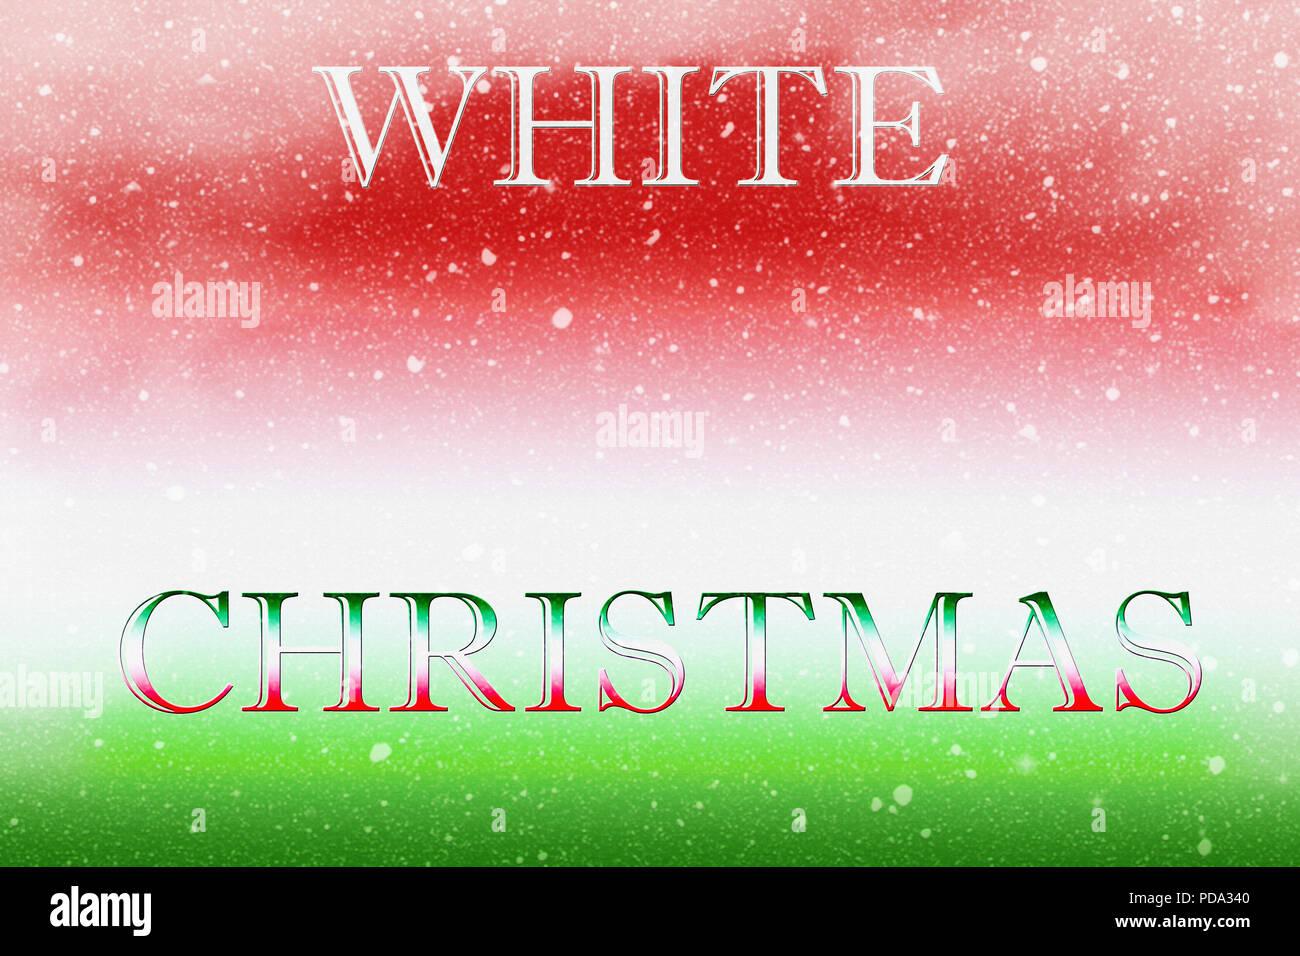 Süße Weihnachtswünsche.Weihnachtswünsche Rot Gekleidet Weihnachtsmann Teddybär John Winsch